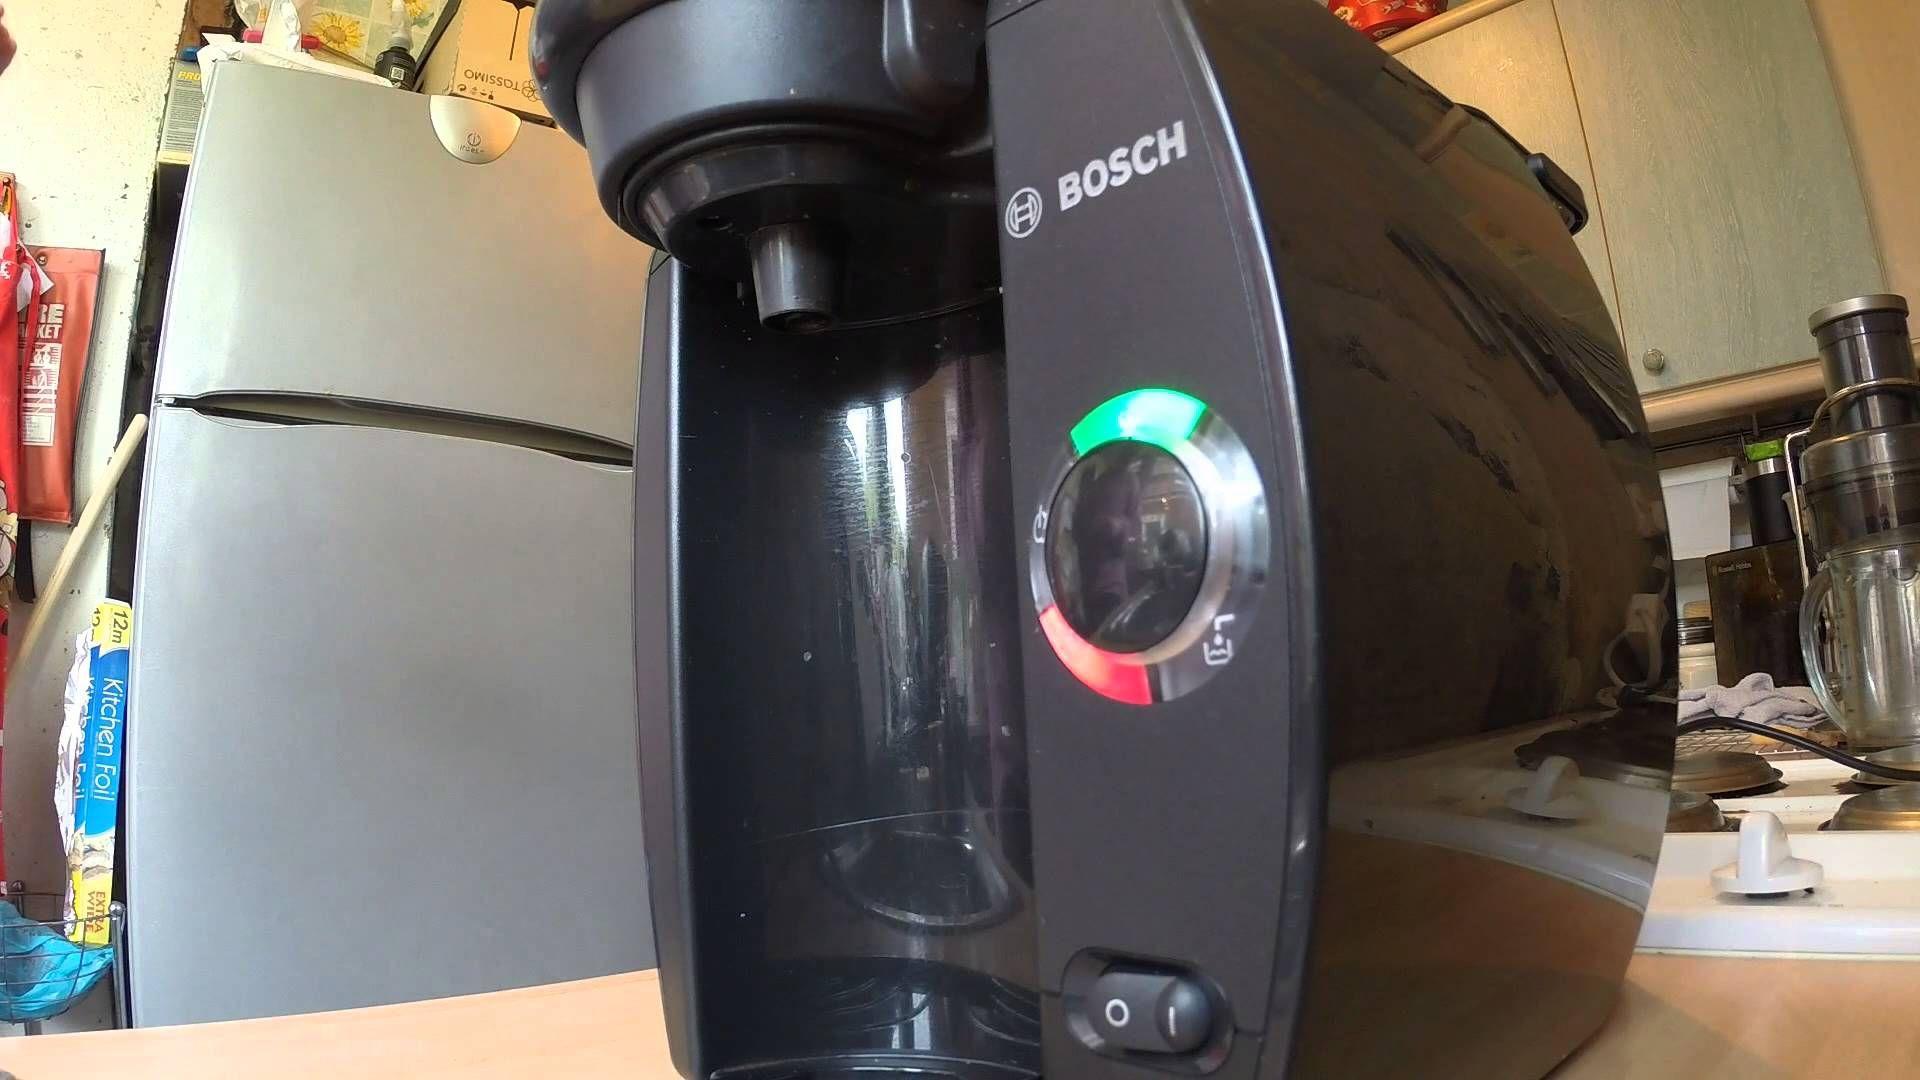 bosch tassimo red light fault mytassimo pinterest red lights rh pinterest com bosch tassimo t55 user manual tassimo t55 manuel utilisation